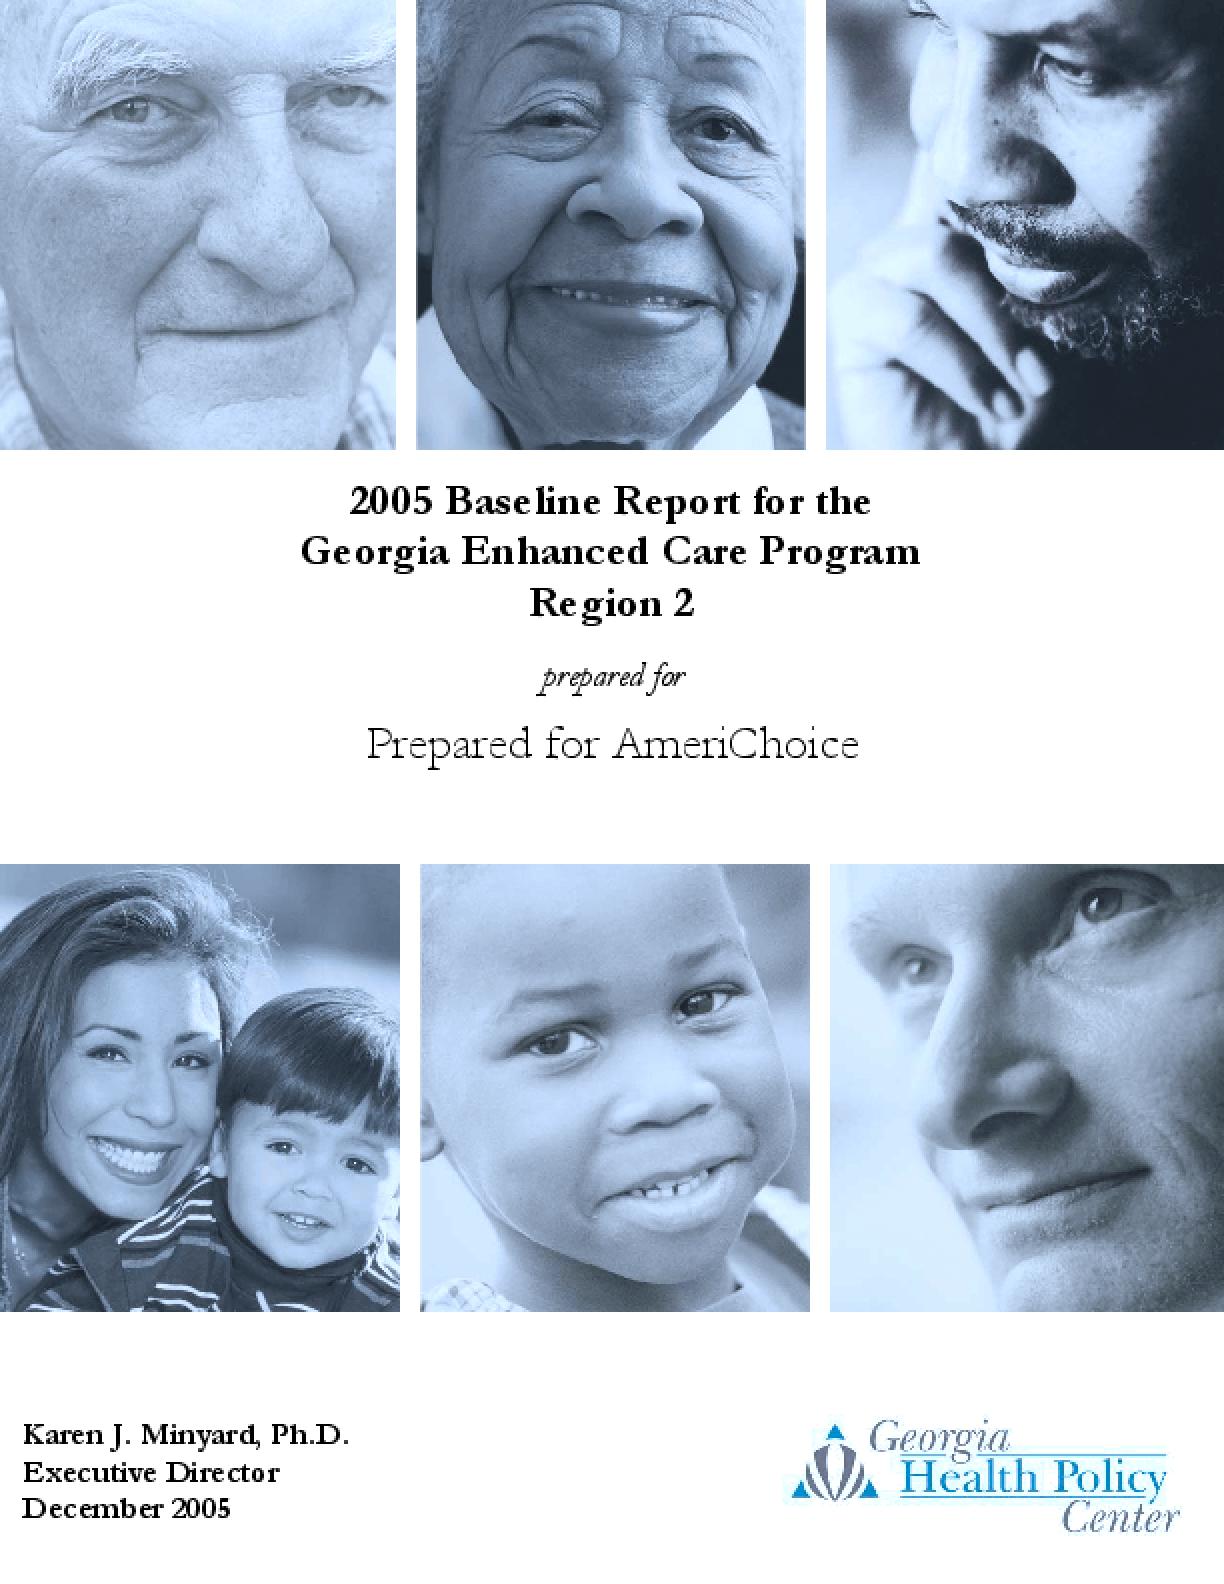 2005 Baseline Report for the Georgia Enhanced Care Program Region 2